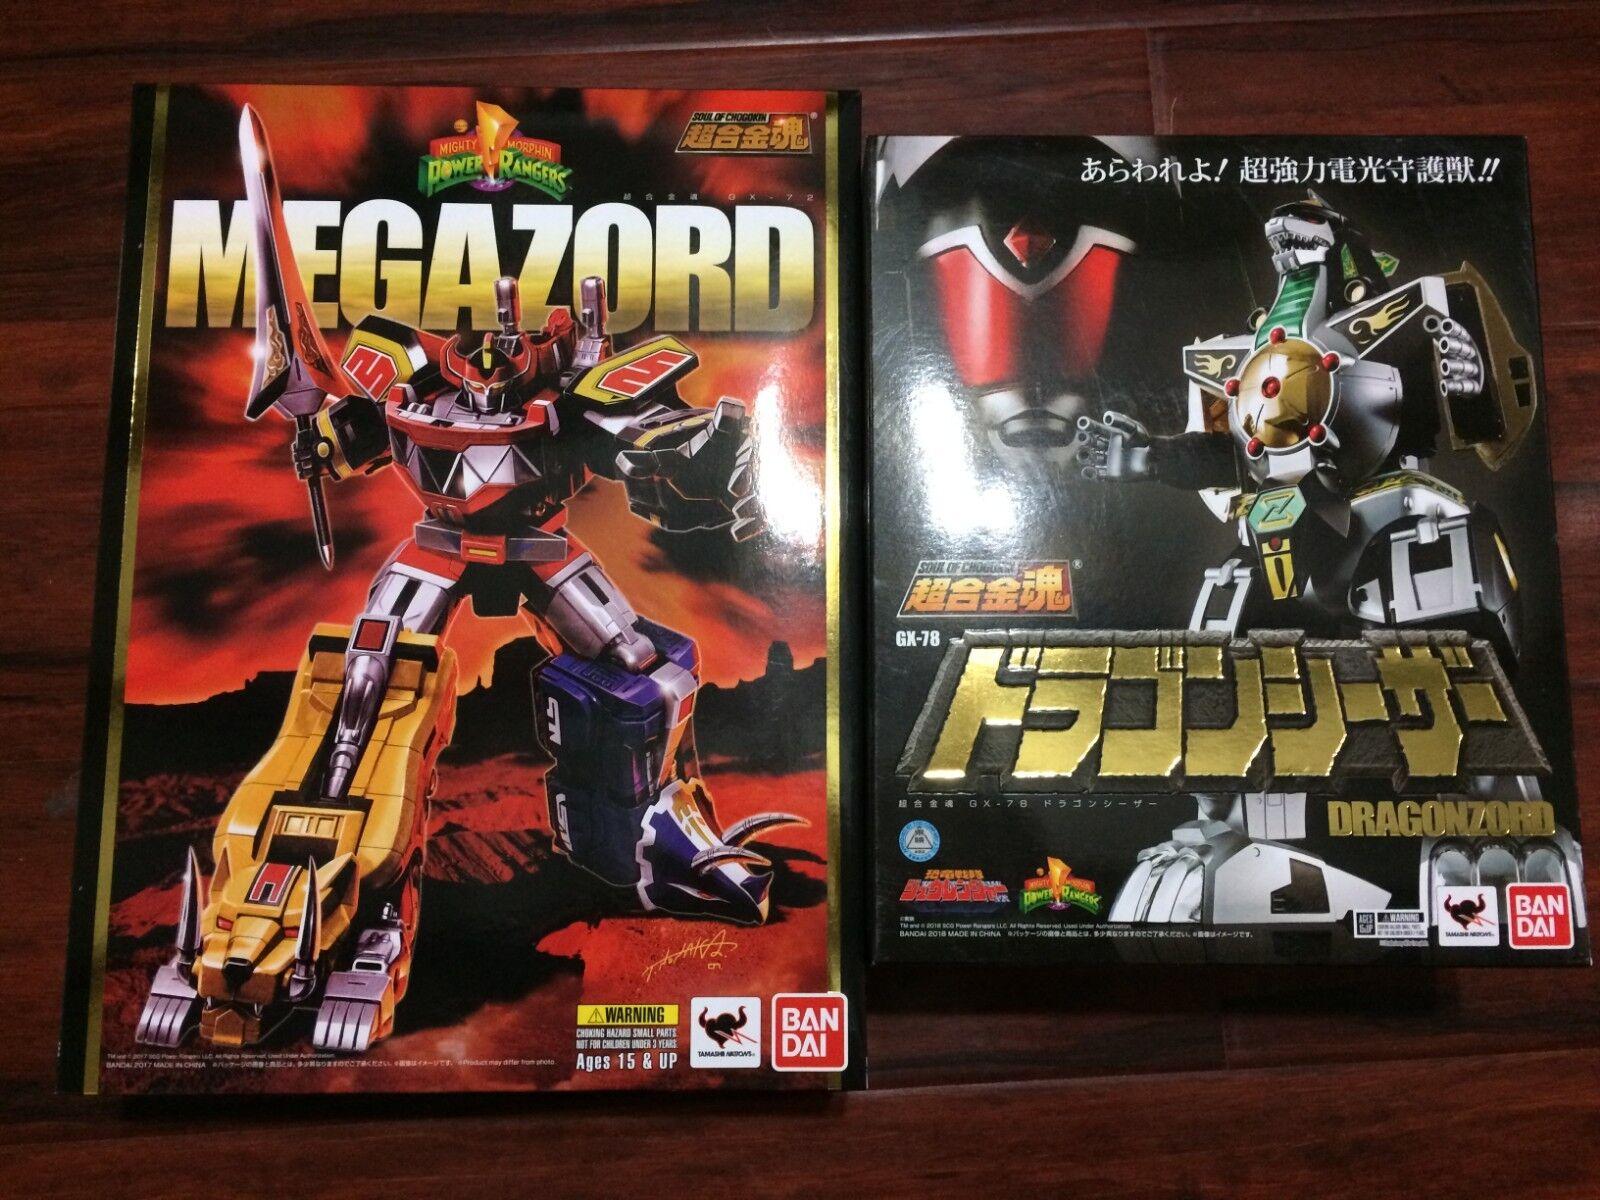 disfrutando de sus compras Soul Of Chogokin GX-72 Mighty Morphin Megazord y GX-78 GX-78 GX-78 verde (Ultrazord)  precios bajos